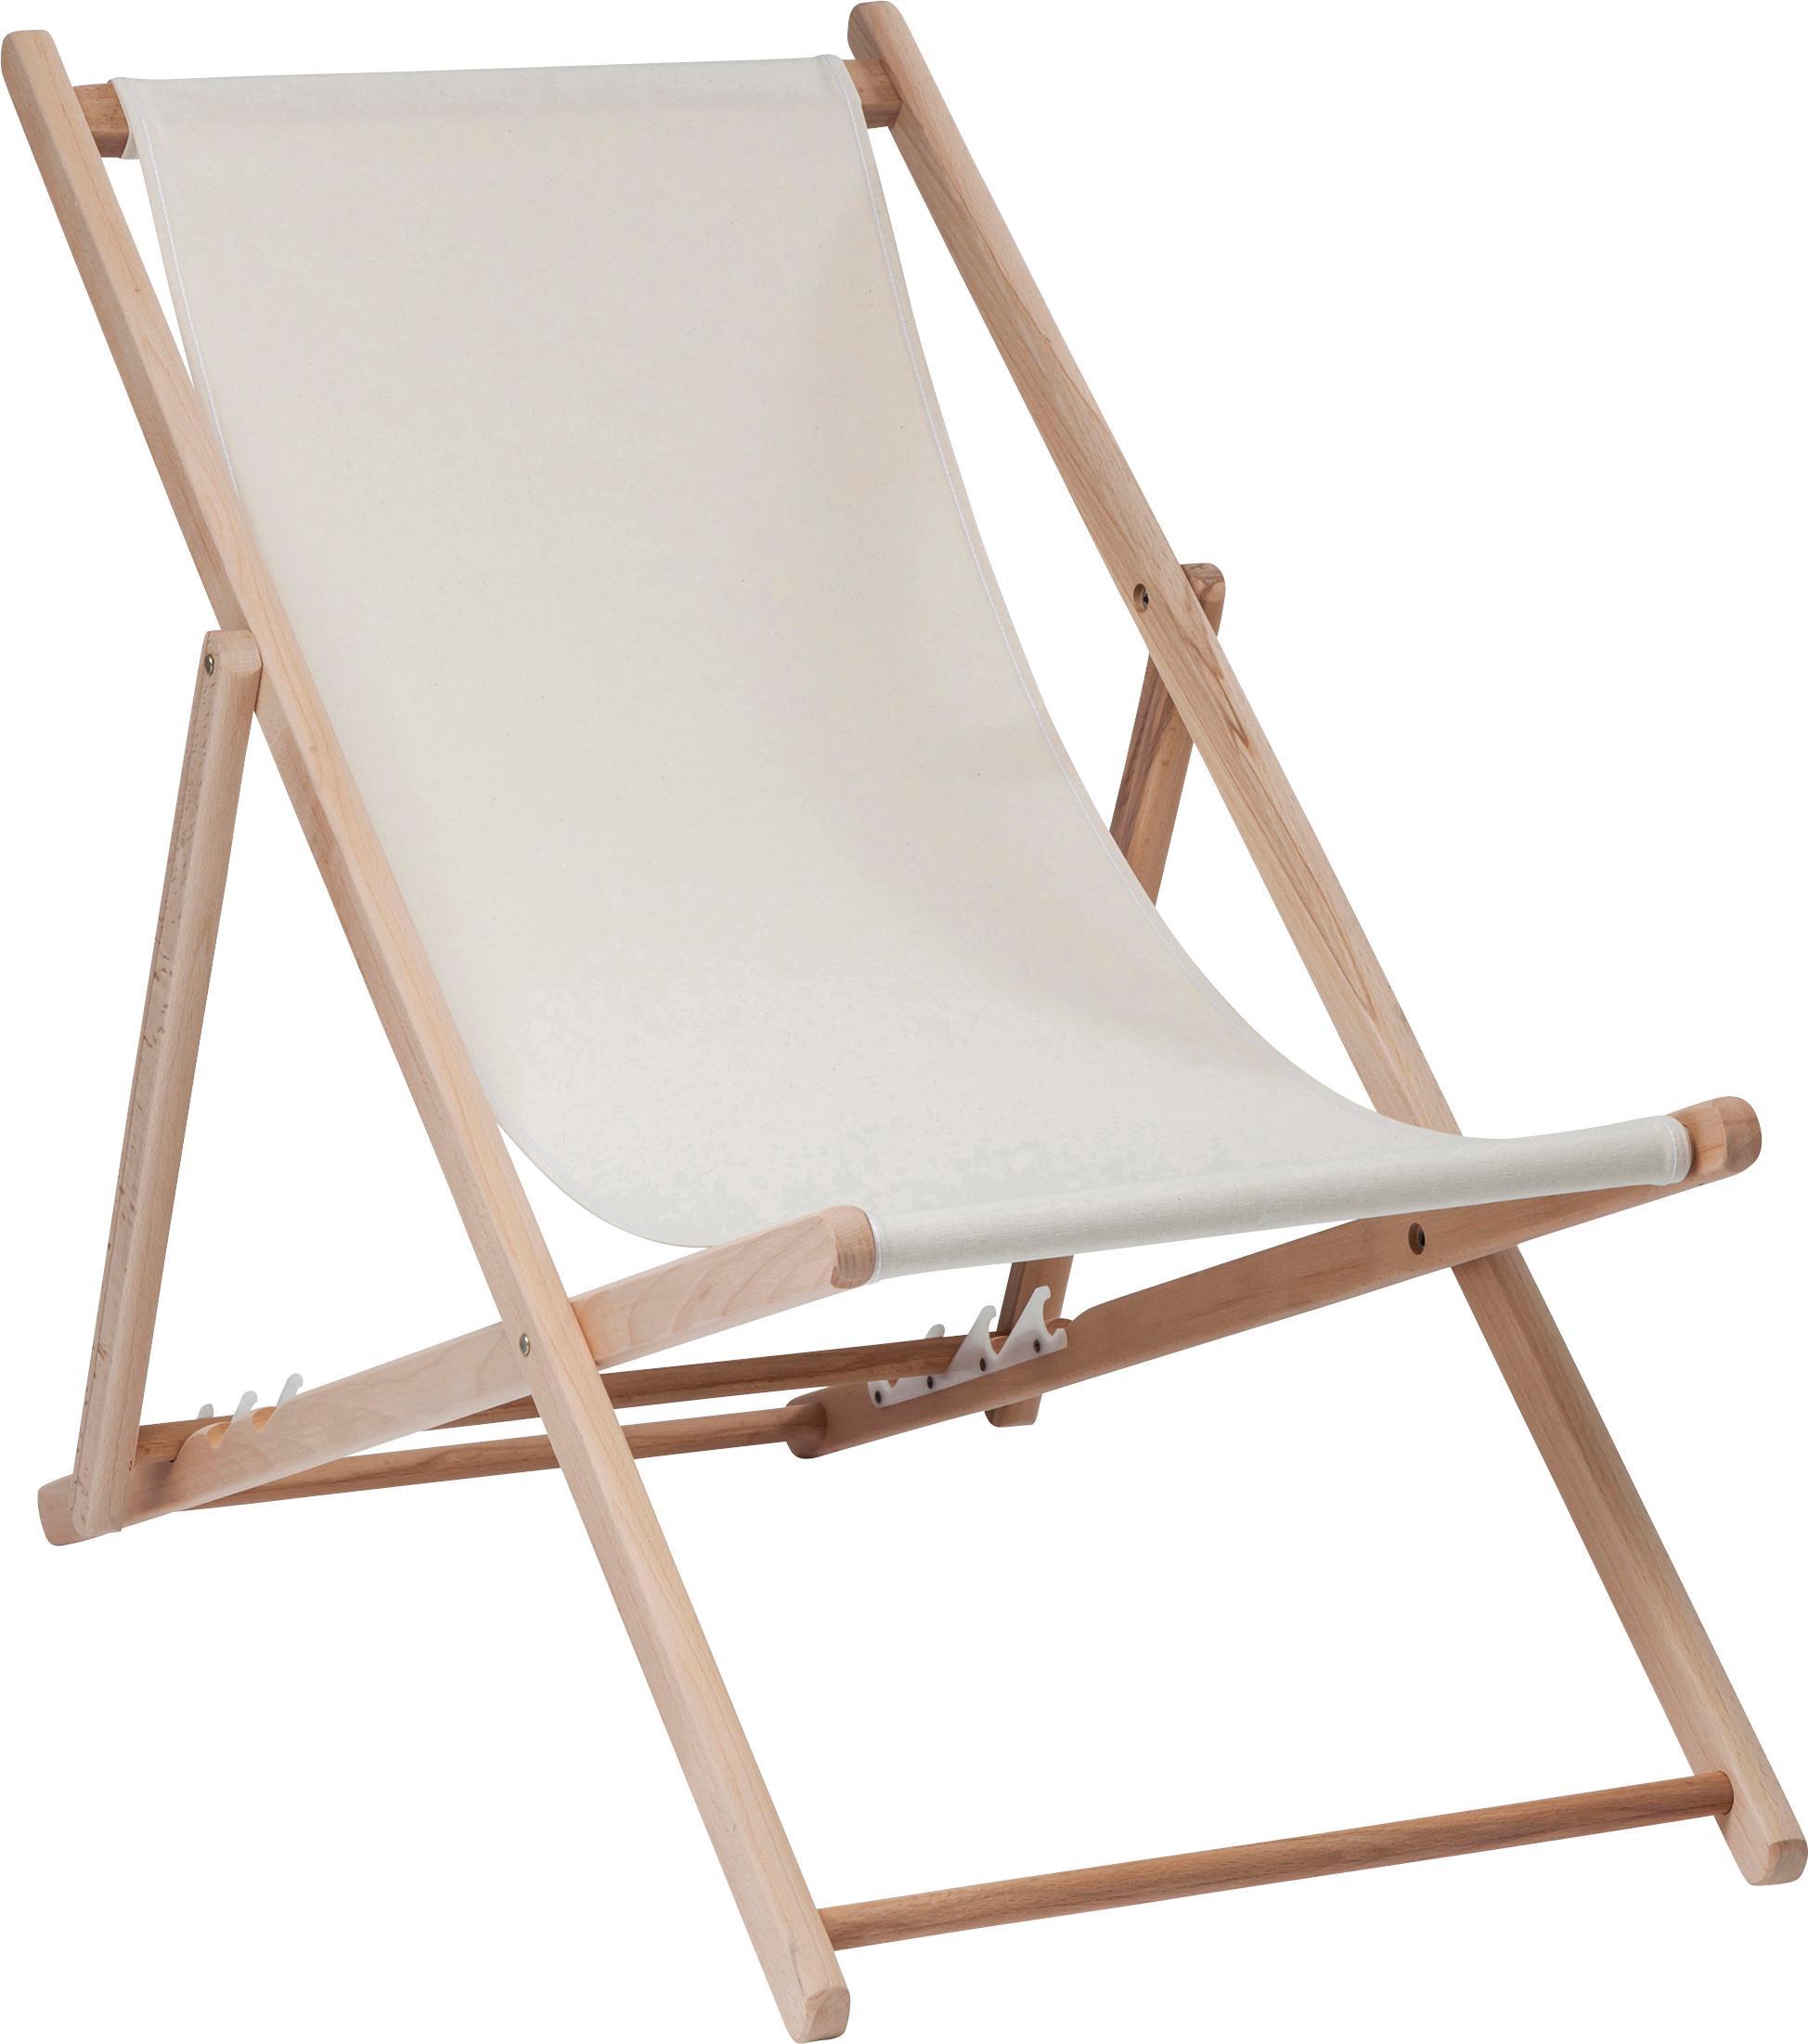 Składany leżak Hot Summer, Stelaż: drewno bukowe, Beżowy, drewno bukowe, S 96 x G 56 cm